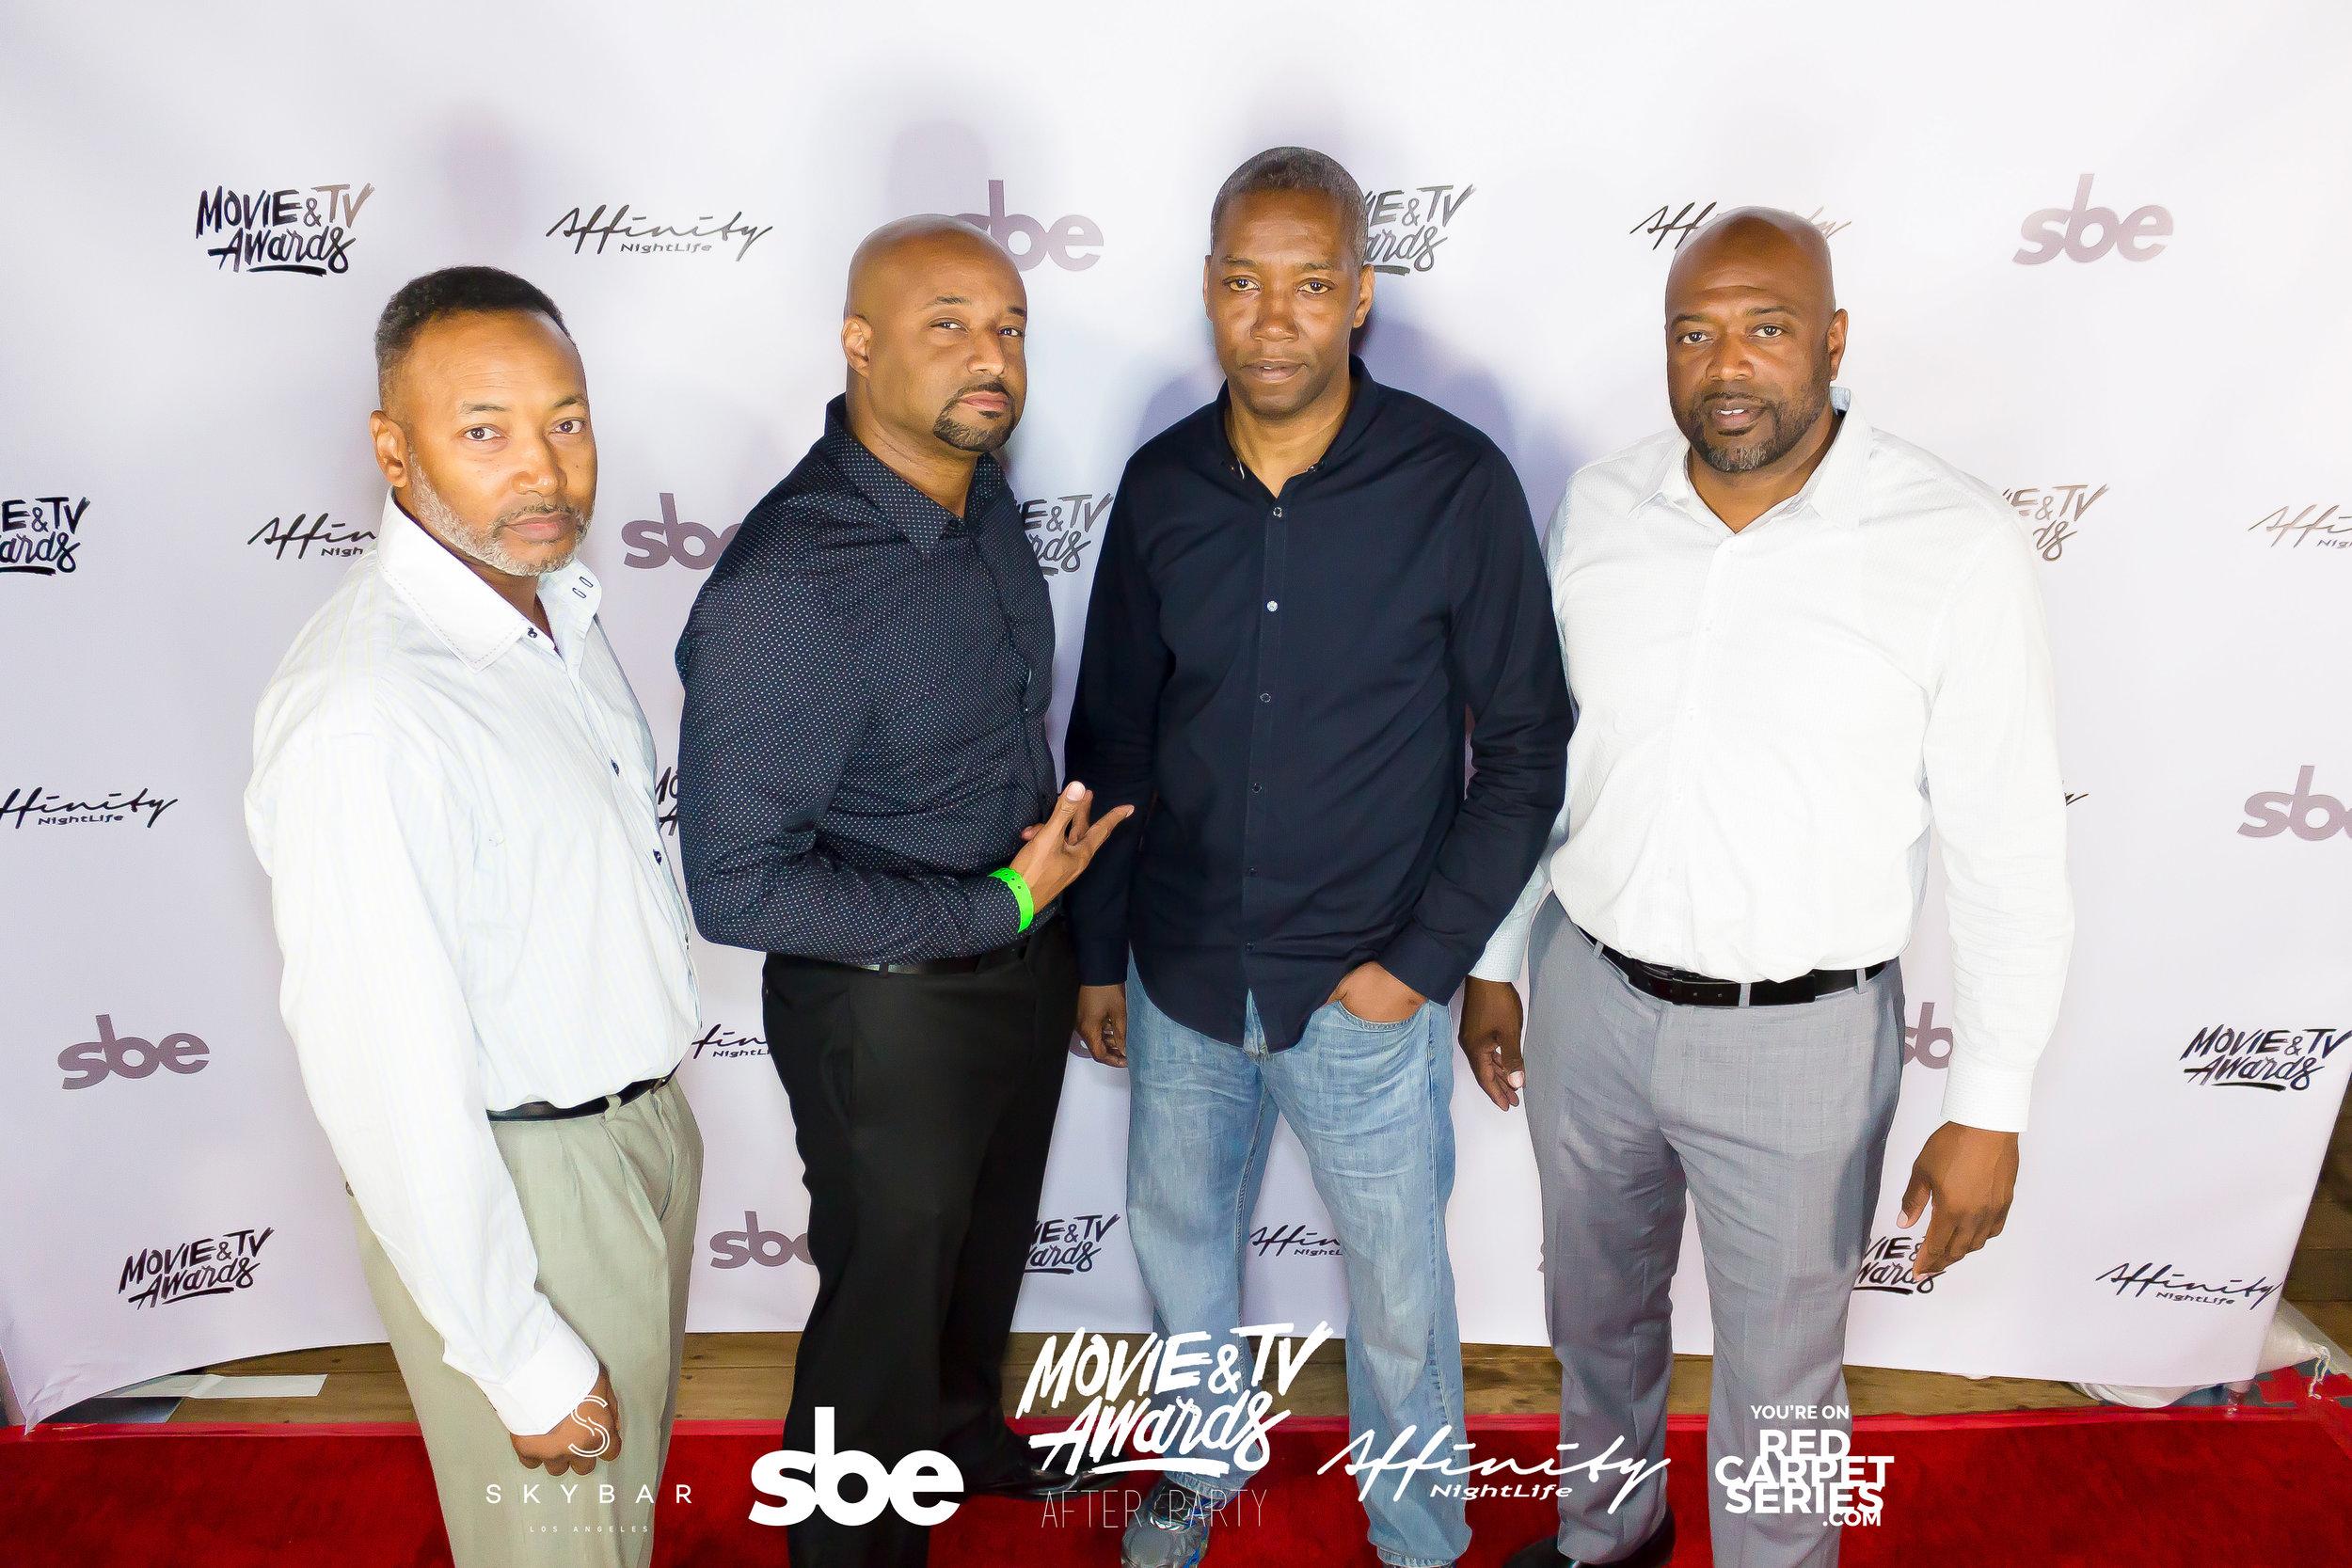 Affinity Nightlife MTV Movie & TV Awards After Party - Skybar at Mondrian - 06-15-19 - Vol. 2_109.jpg